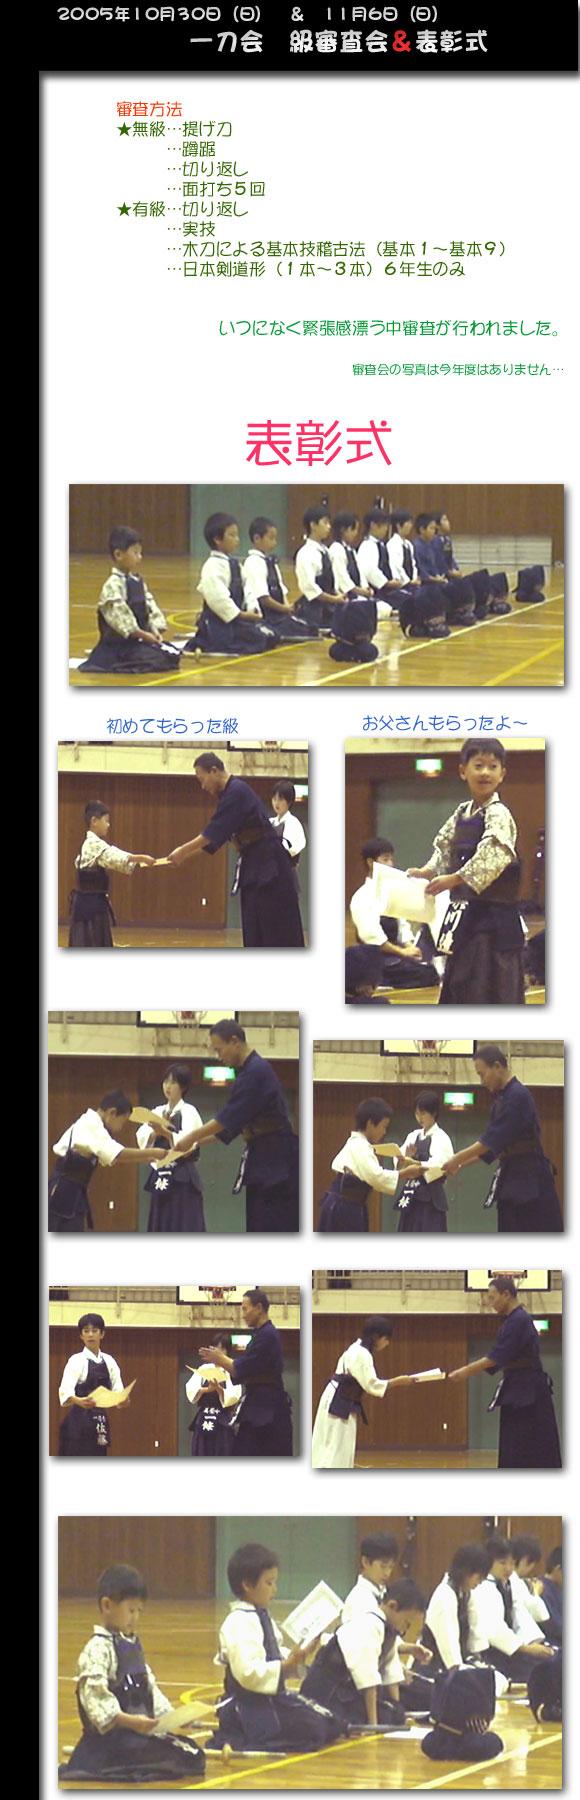 2005_10_30kyu_sinnsa